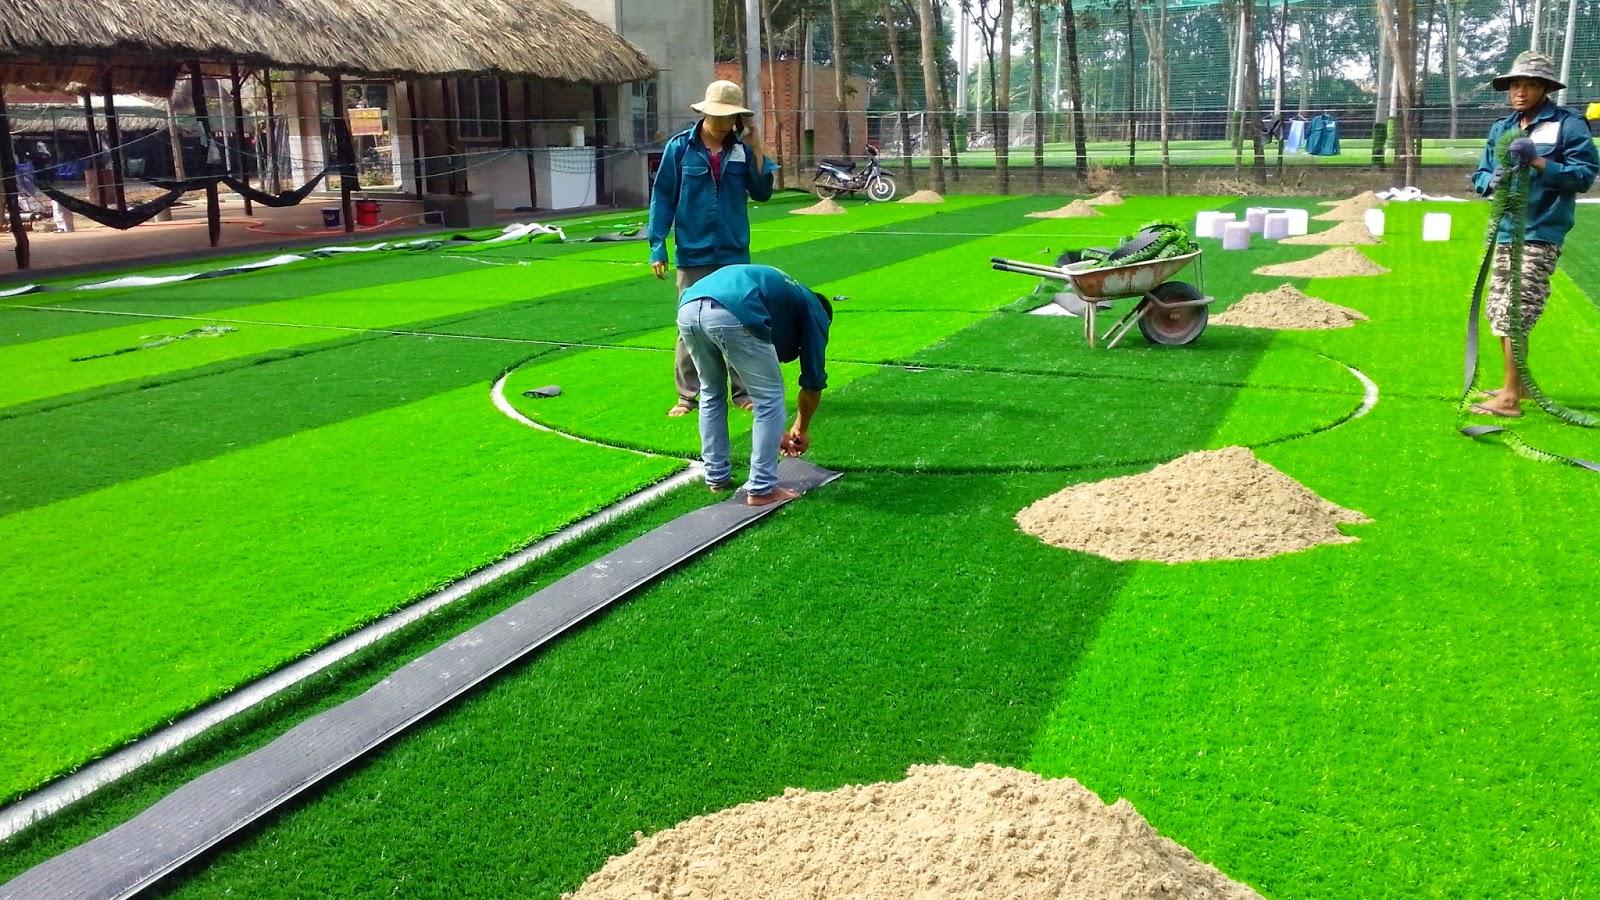 kỹ thuật thi công sân cỏ nhân tạo